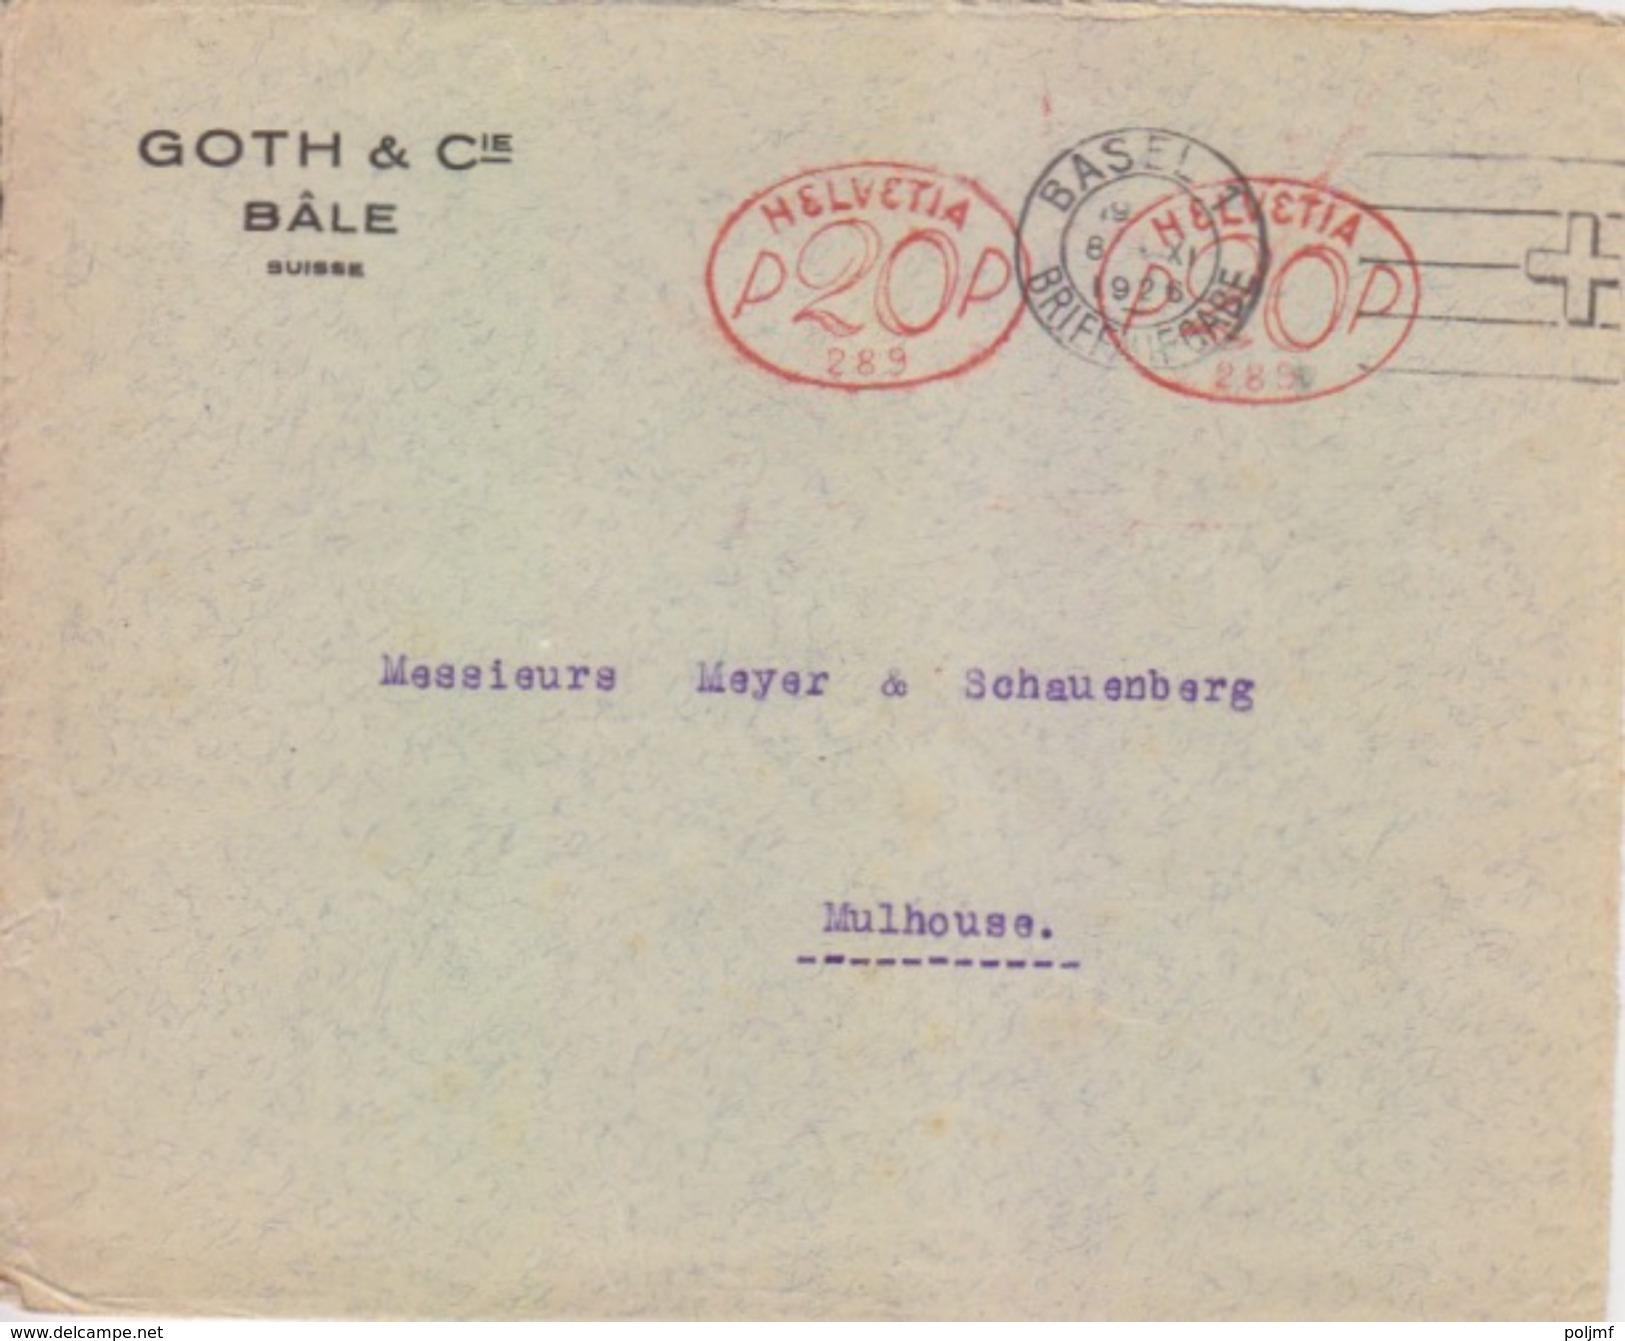 EMA Suisse 20 X 2 (289 Sté GOTH), Lettre De Bâle (flamme Croix Rouge) Le 8 XI 1926 Pour Mulhouse - Postage Meters